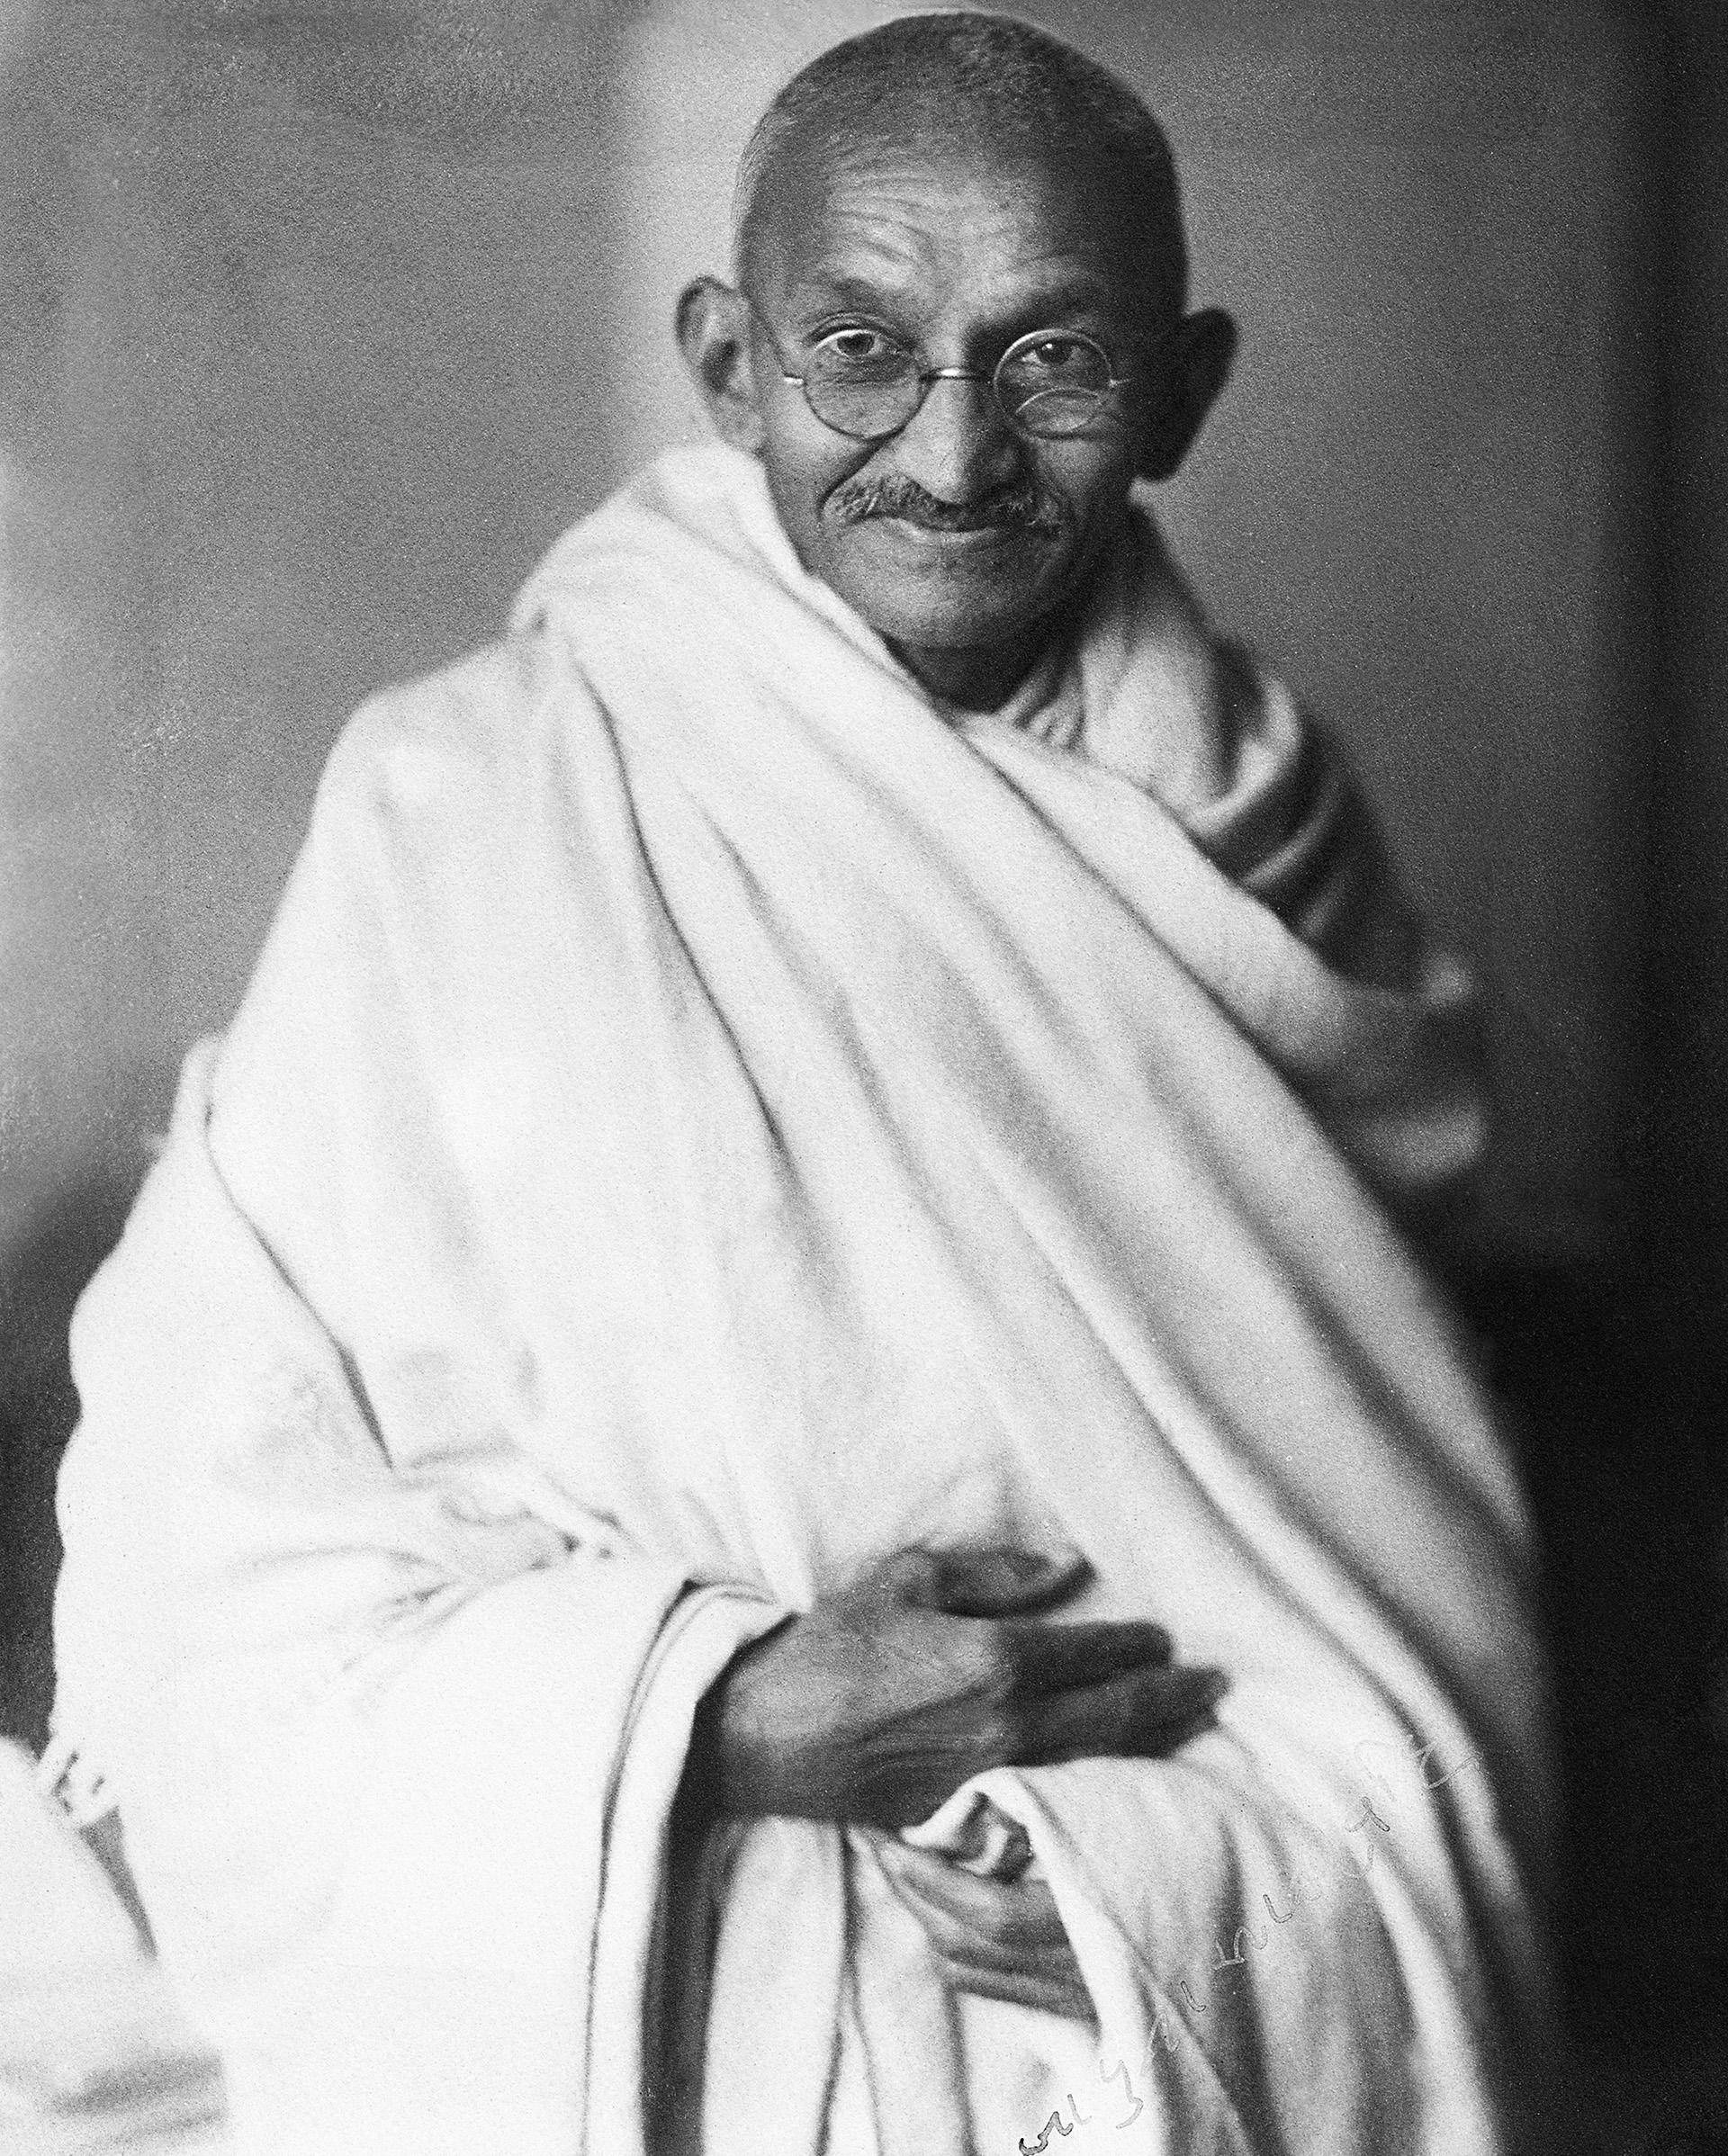 El activista estudió Derecho en Inglaterra durante su juventud.La foto es de 1940 (Dinodia Photos/Getty Images)